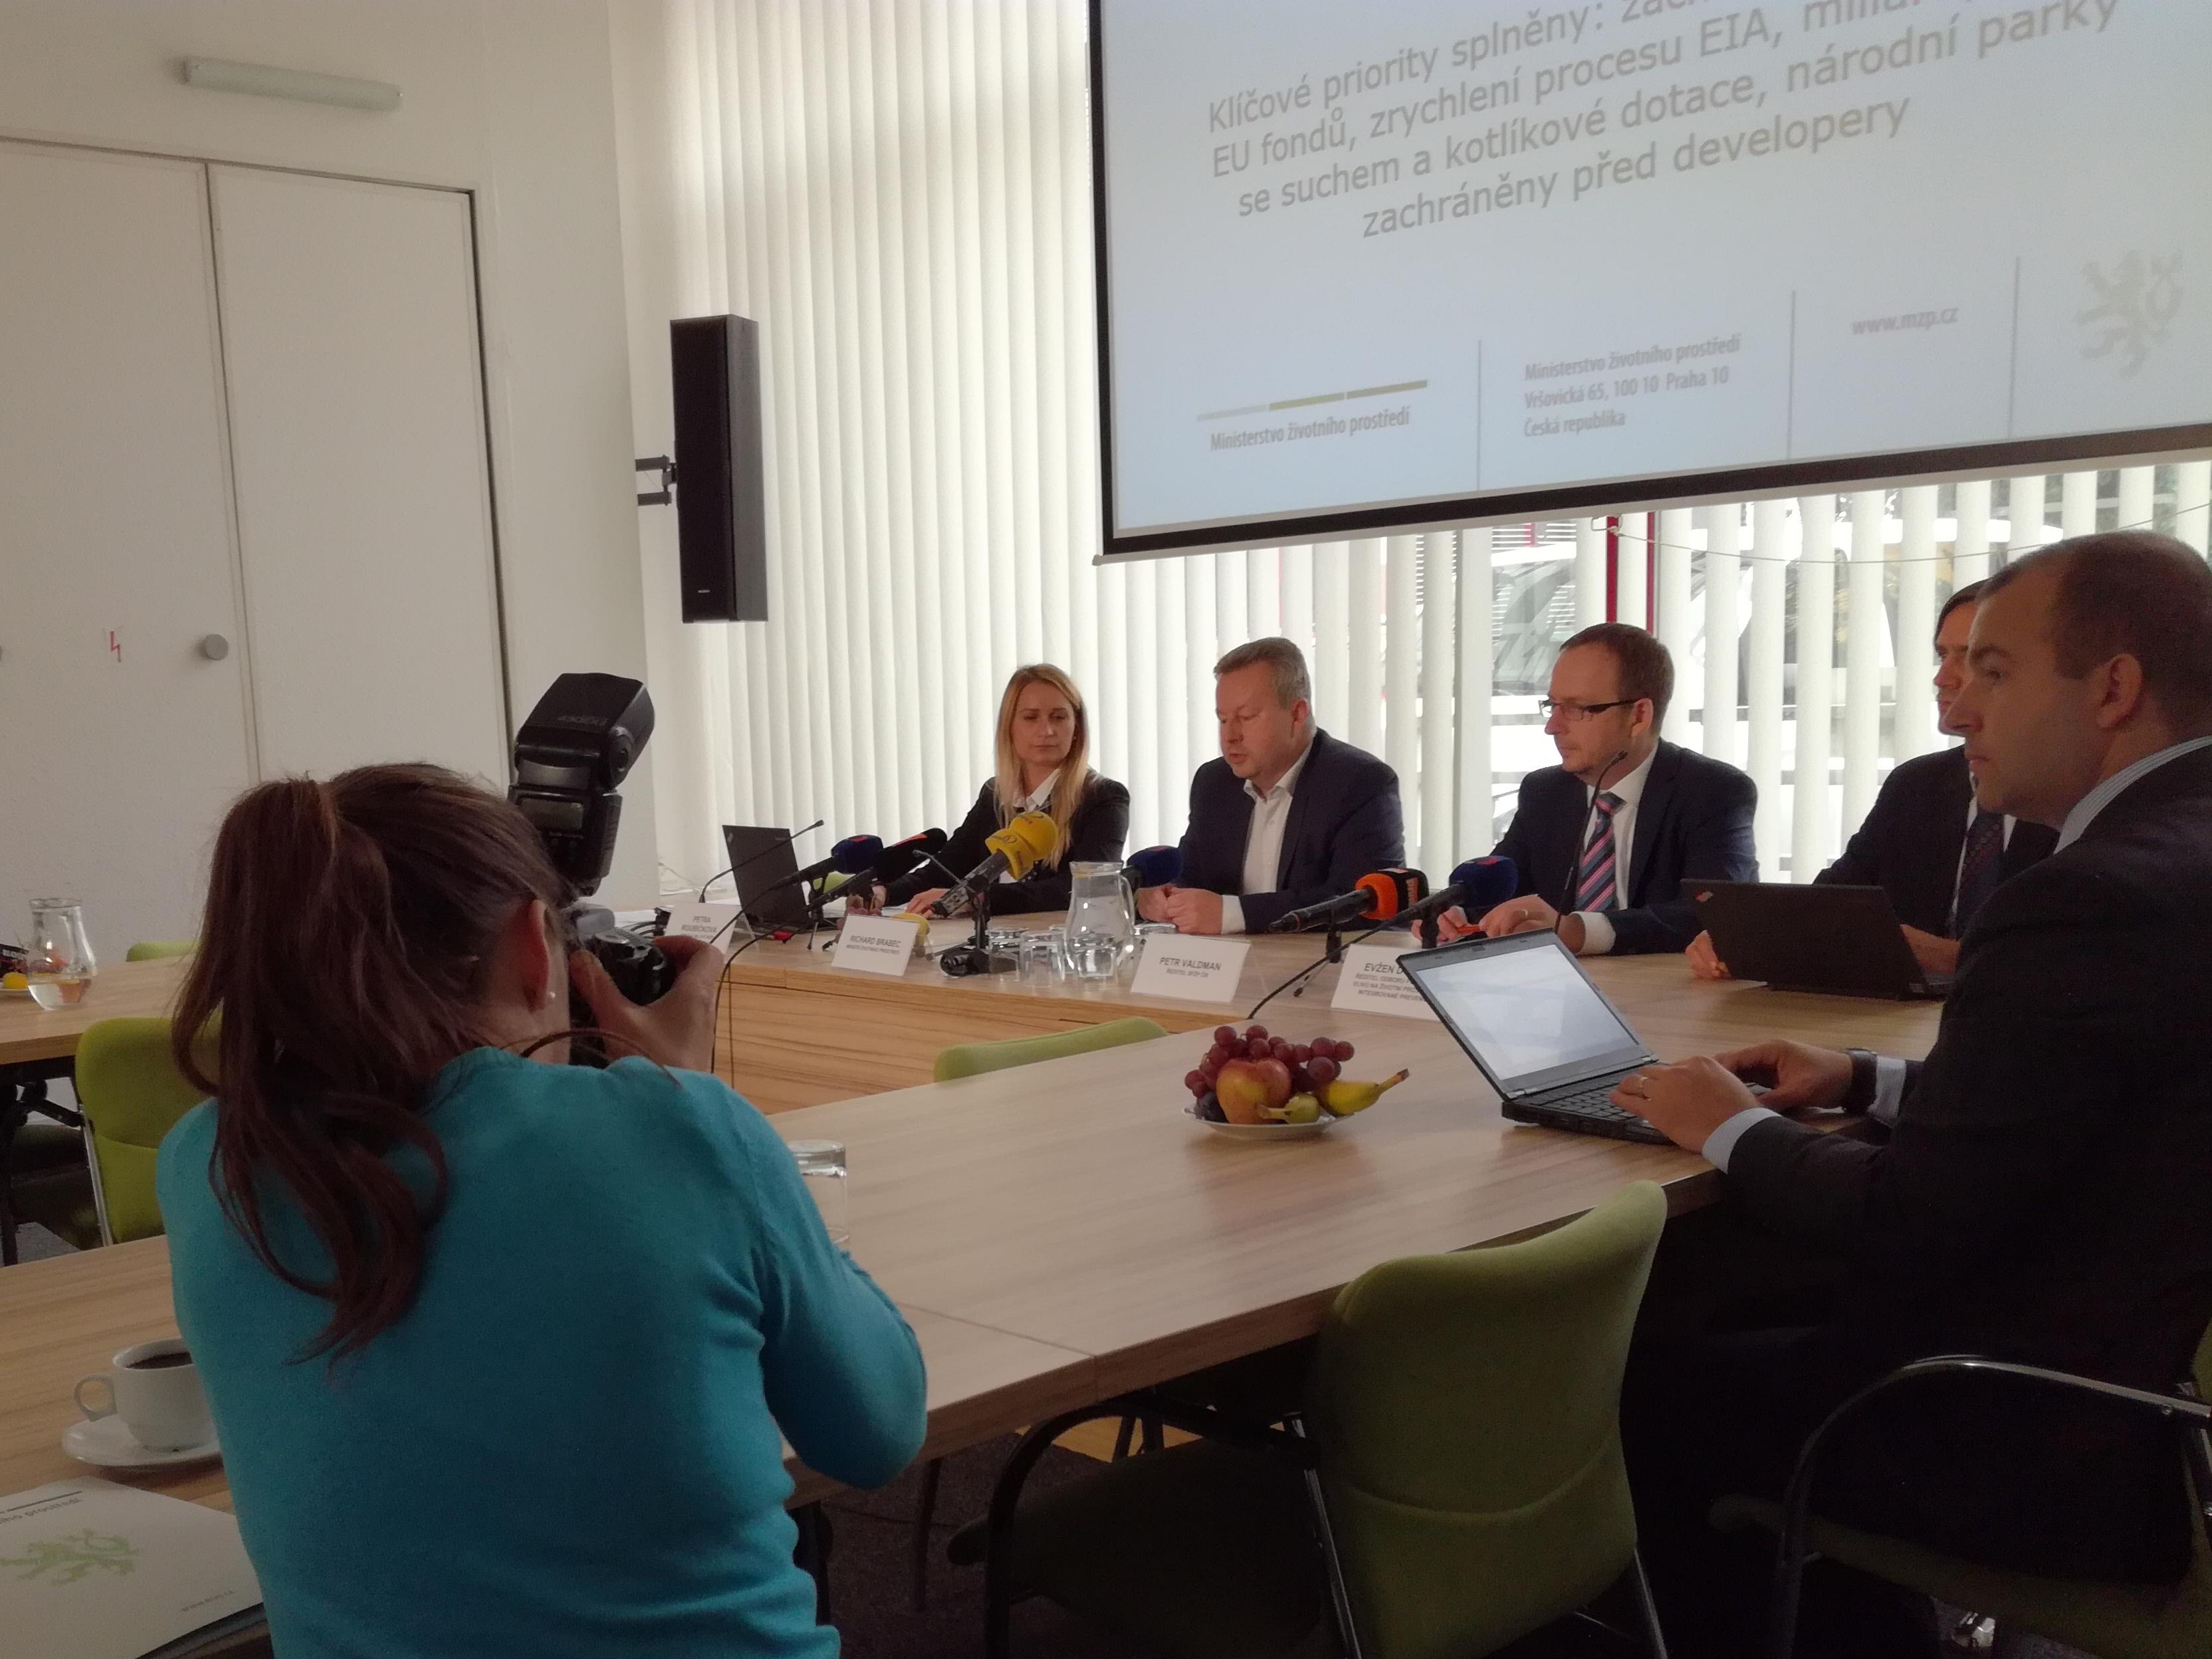 Bilance ministra Brabce: EU fondy, EIA, boj se suchem i kotlíkové dotace